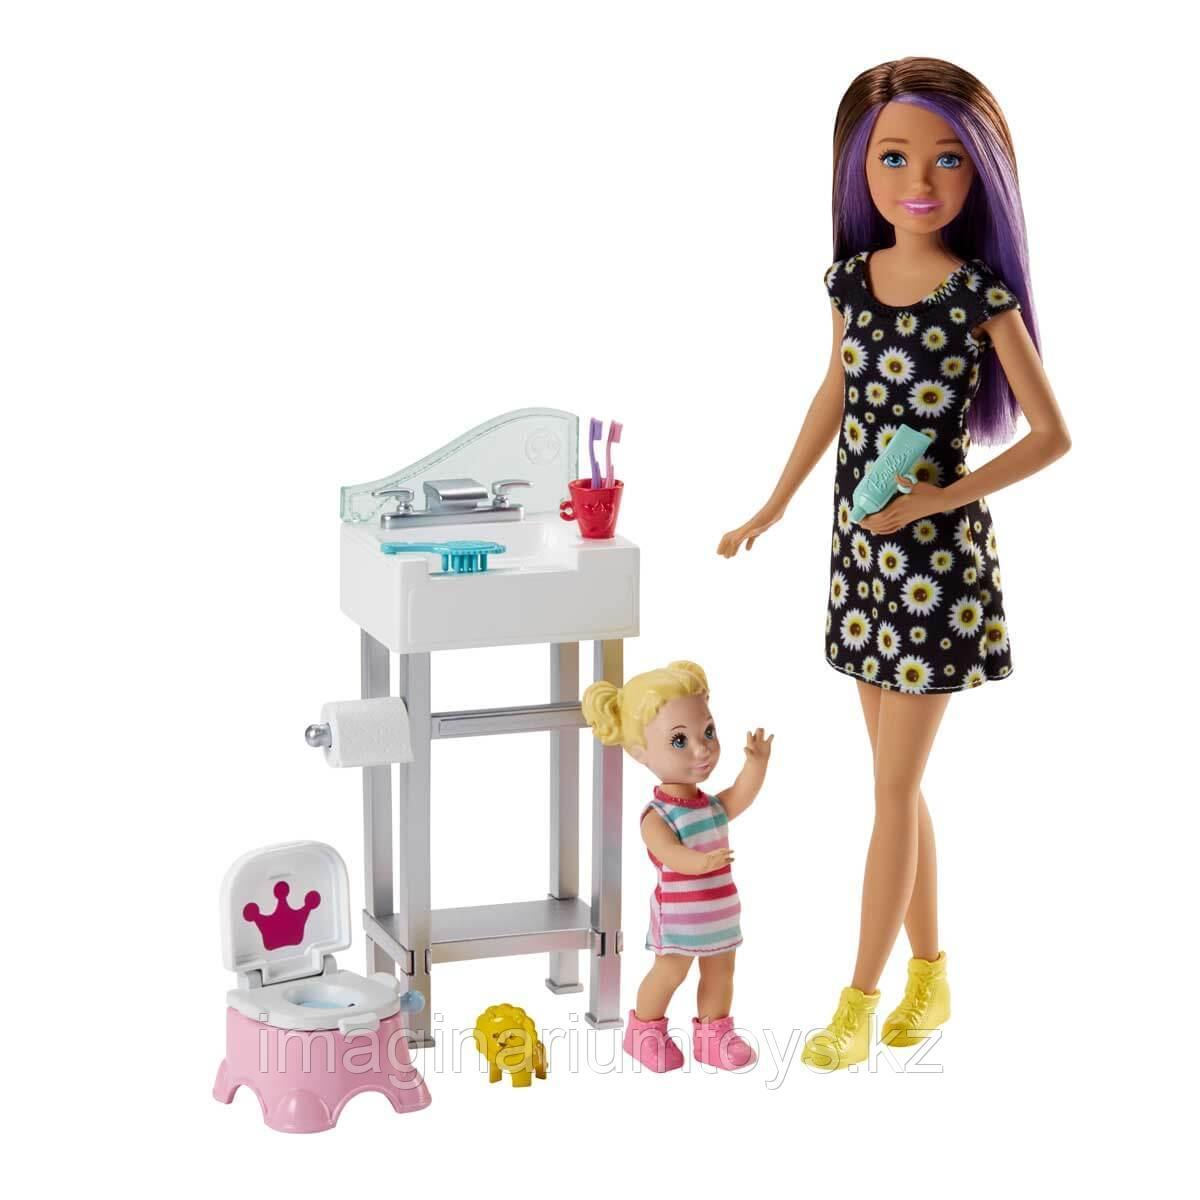 Барби Няня игровой набор с аксессуарами